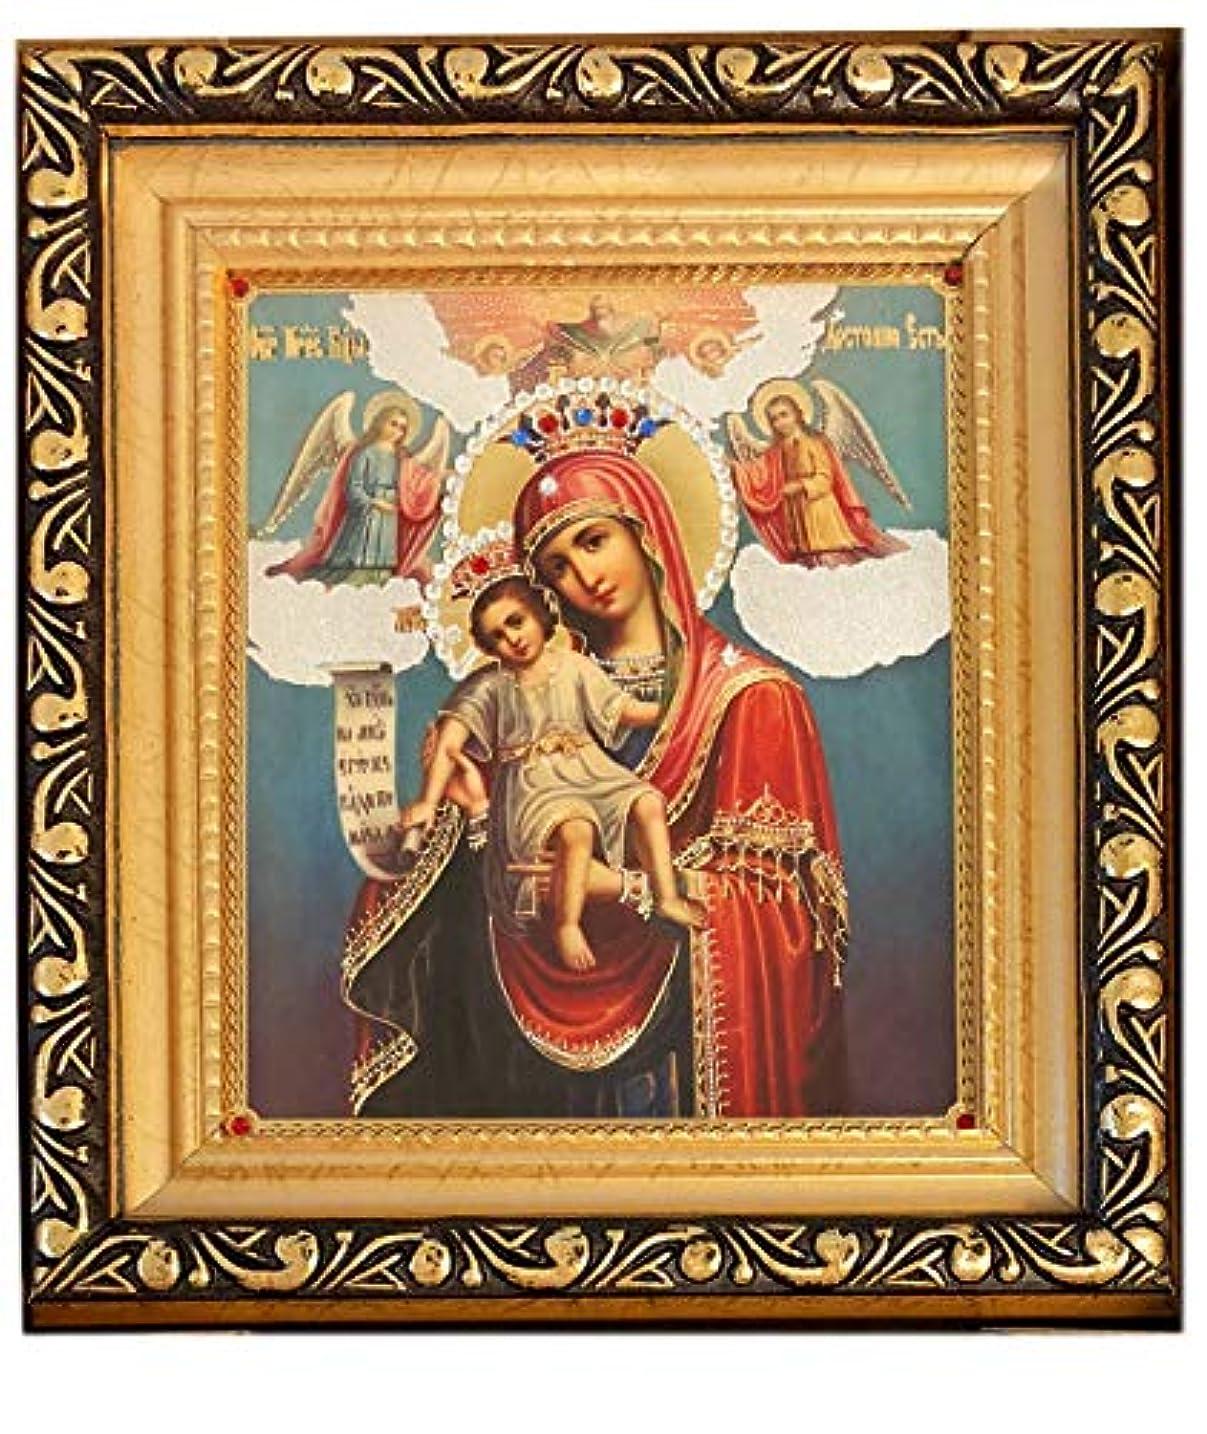 摘む宇宙候補者アレクサンドラ?Int ' l GreekセラミックアイコンCandle Holder with Saints Decorated with 24 Kゴールド5インチ、レッド